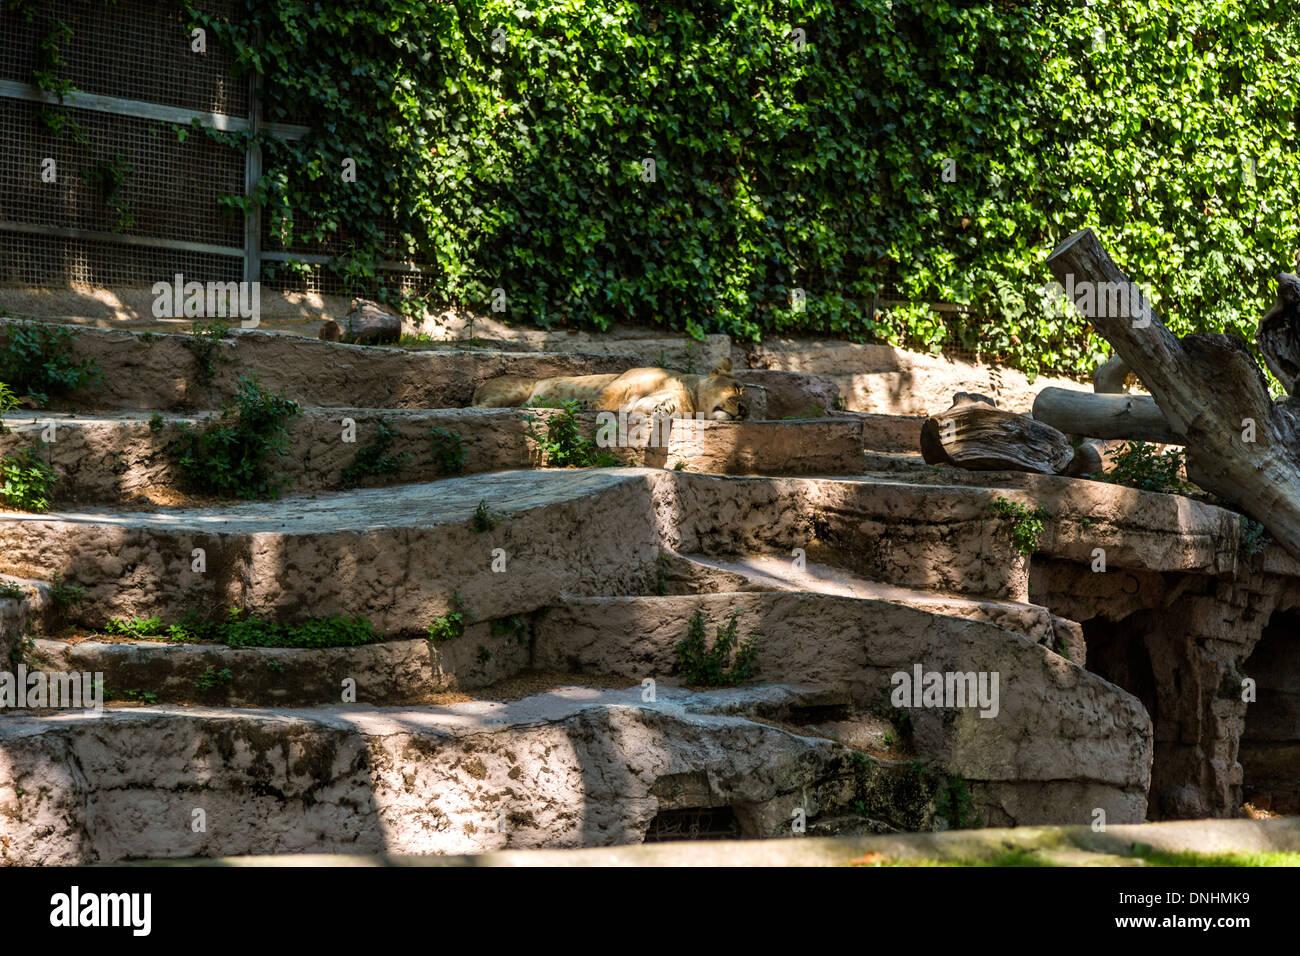 Löwe (Panthera Leo) schlafen im Zoo, Zoo von Barcelona, Barcelona, Katalonien, Spanien Stockfoto